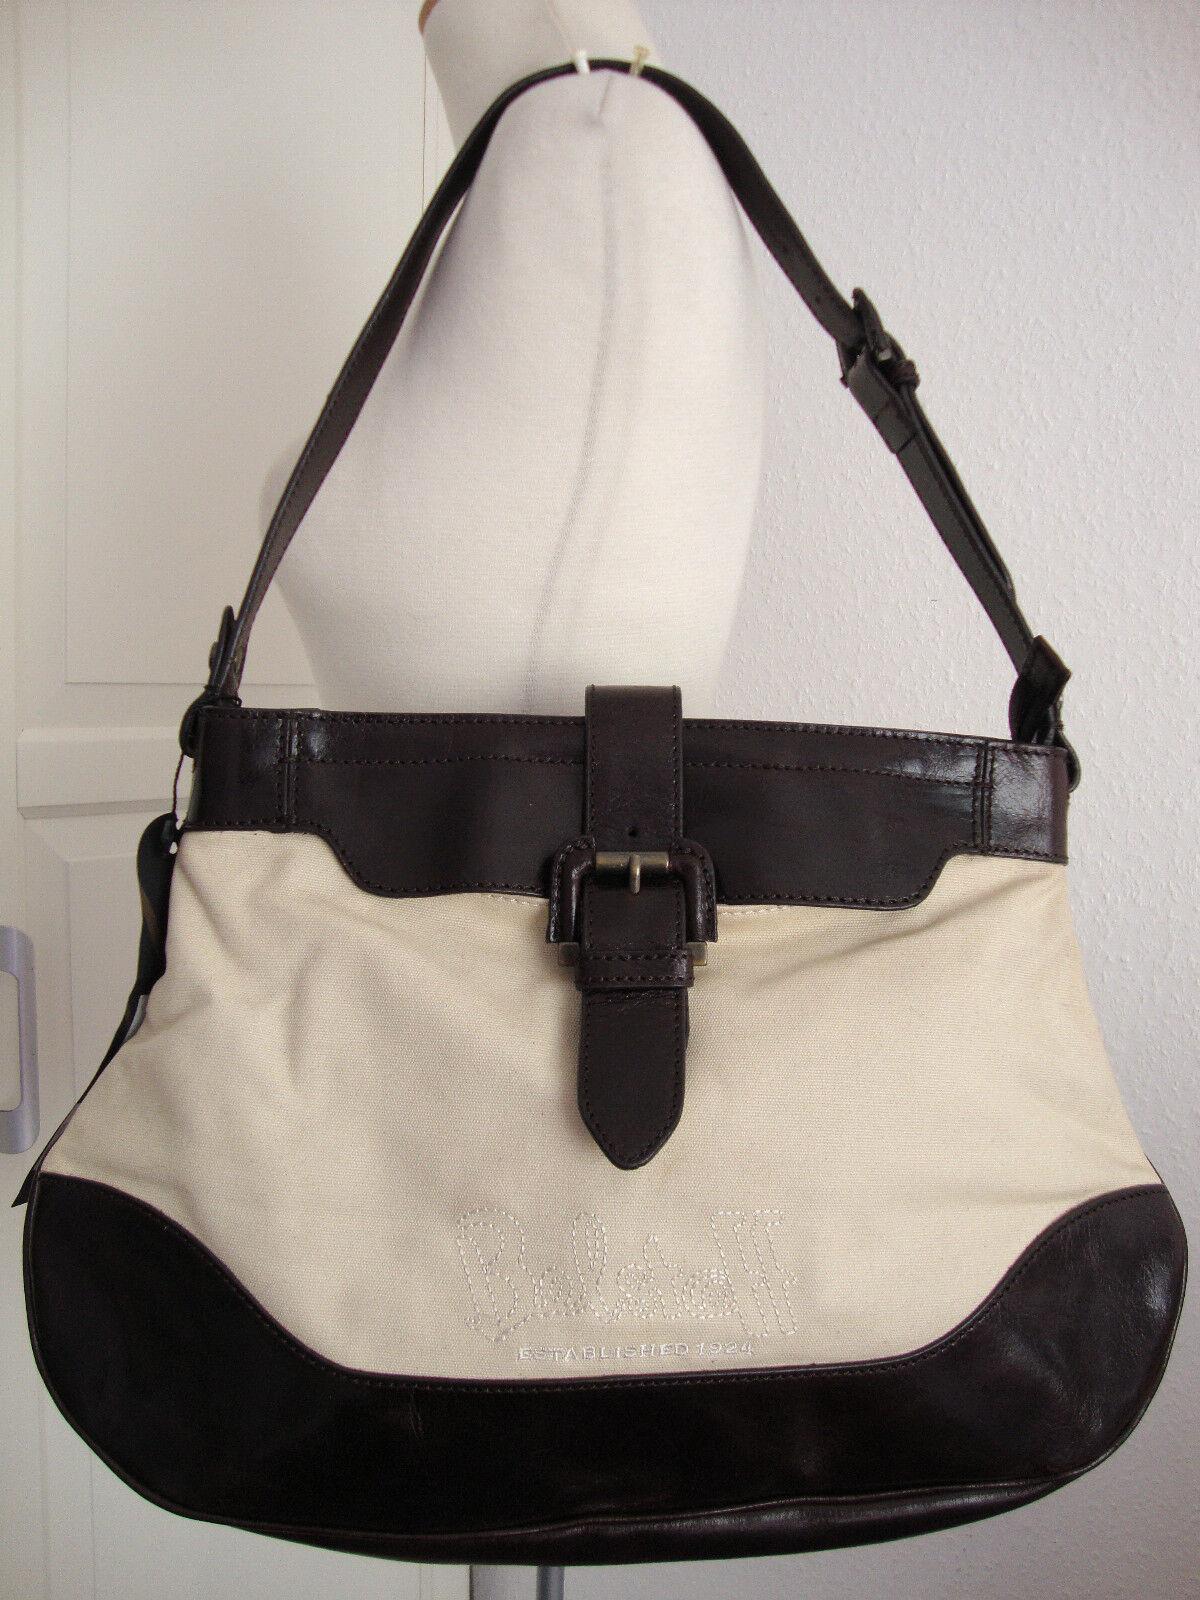 BELSTAFF BELSTAFF BELSTAFF ELLEN BAG Damen Shopper Tasche Schultertasche Leder Canvas NEU ETIKETT | Feinbearbeitung  | Luxus  | Clearance Sale  dc3040